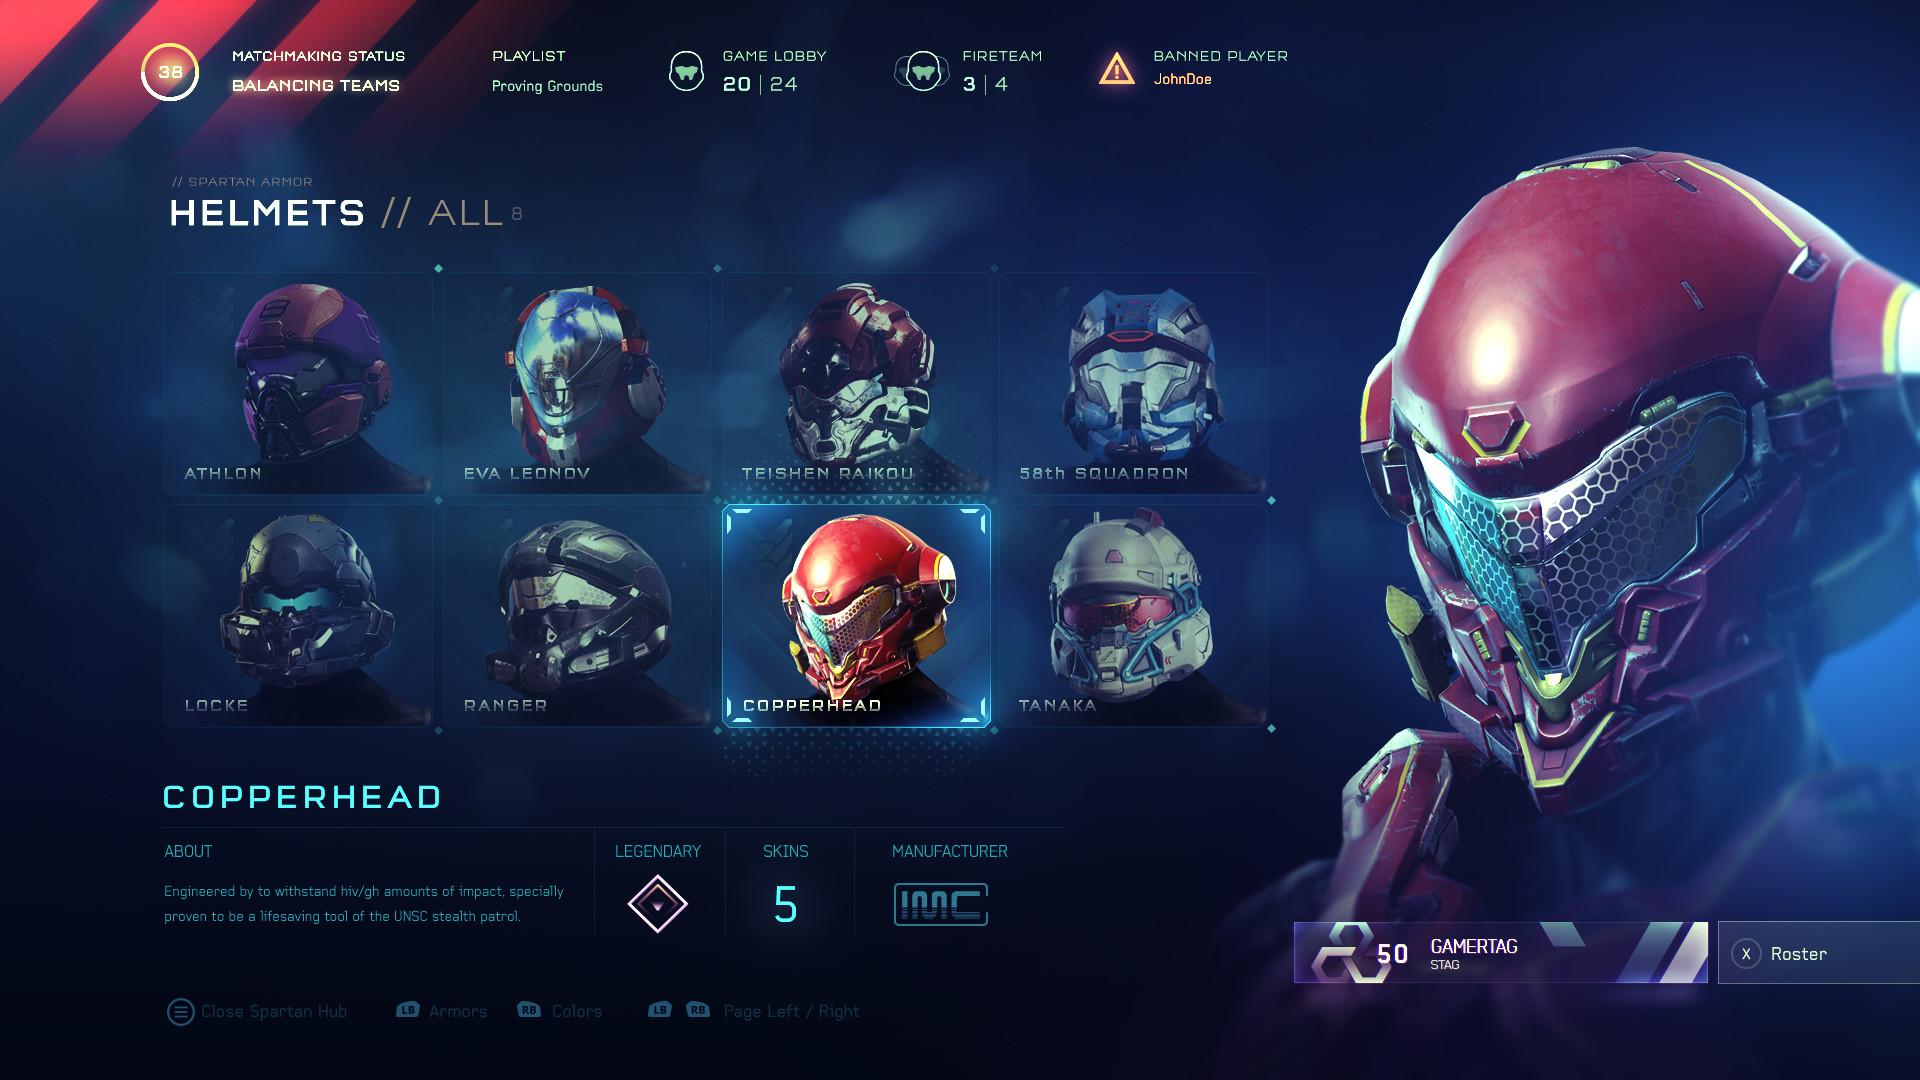 Halo 5 matchmaking ban